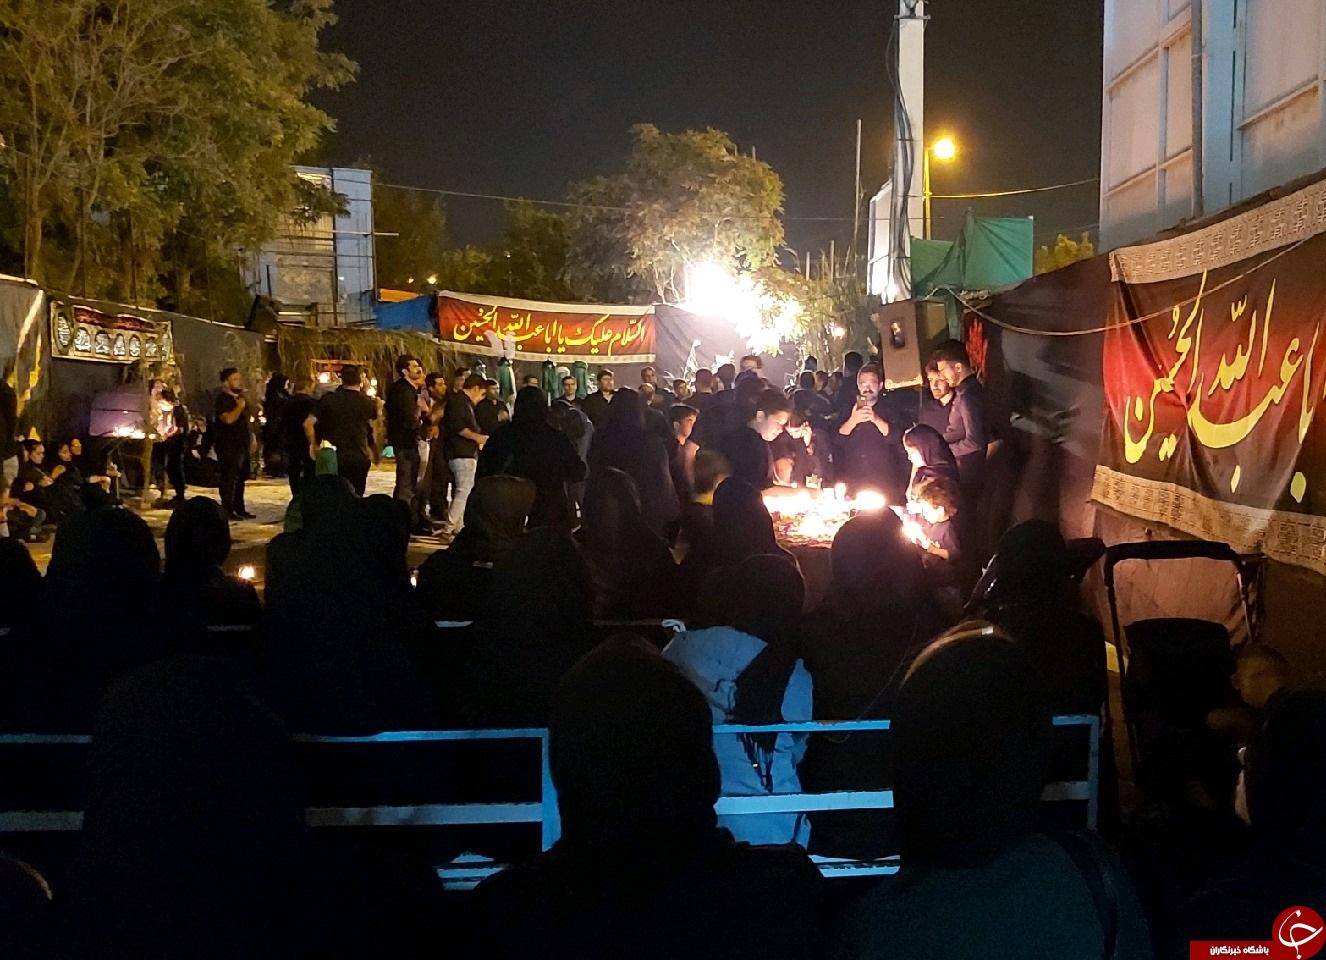 سوگواری مردم استان مرکزی برای غربت شهیدان و اسیران کربلا